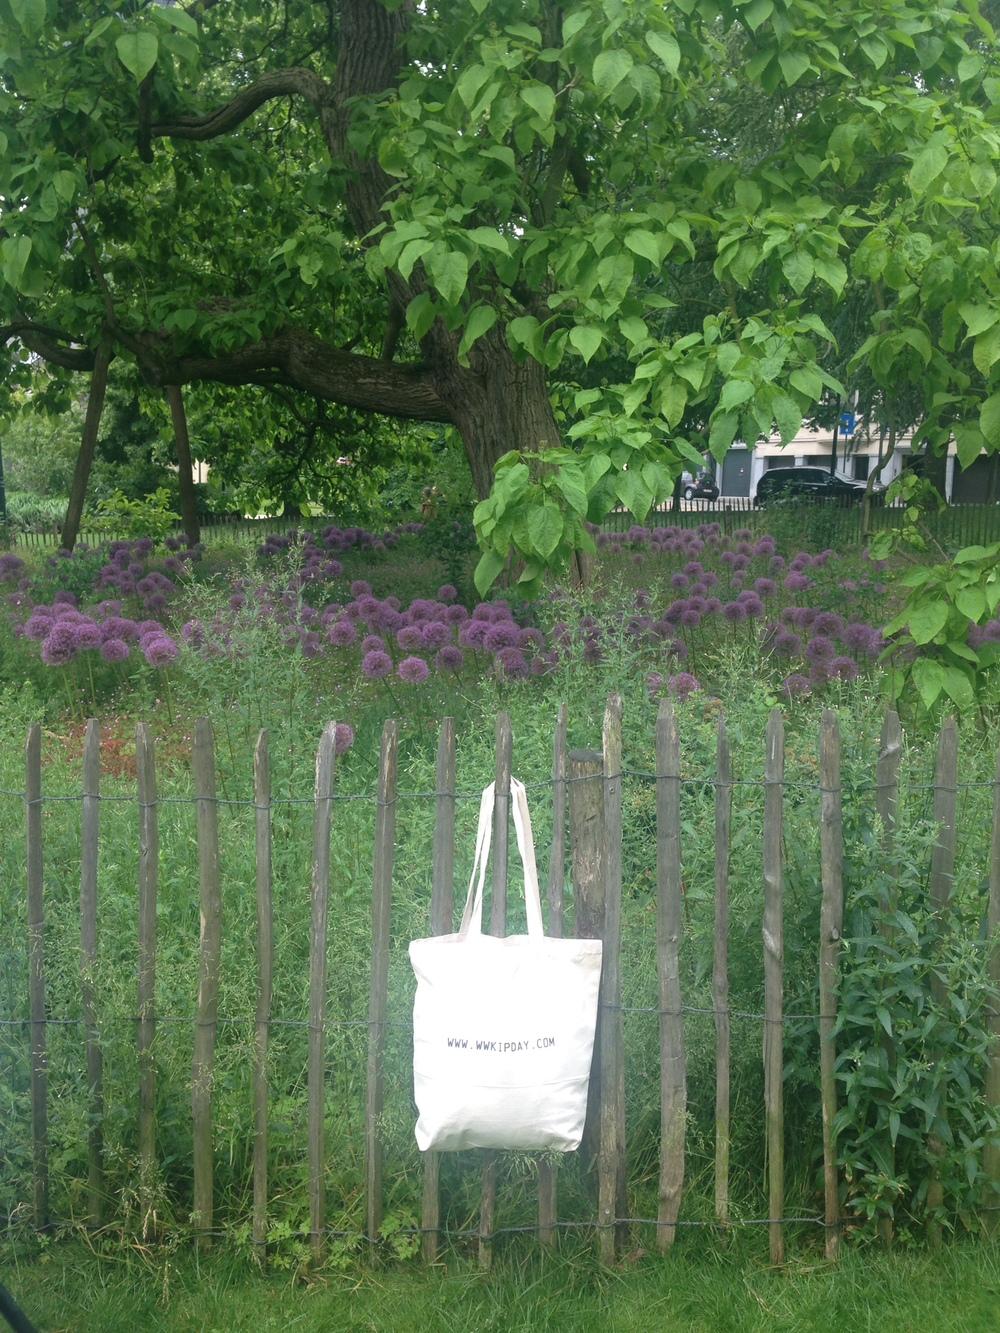 WWKIP bag in park.JPG